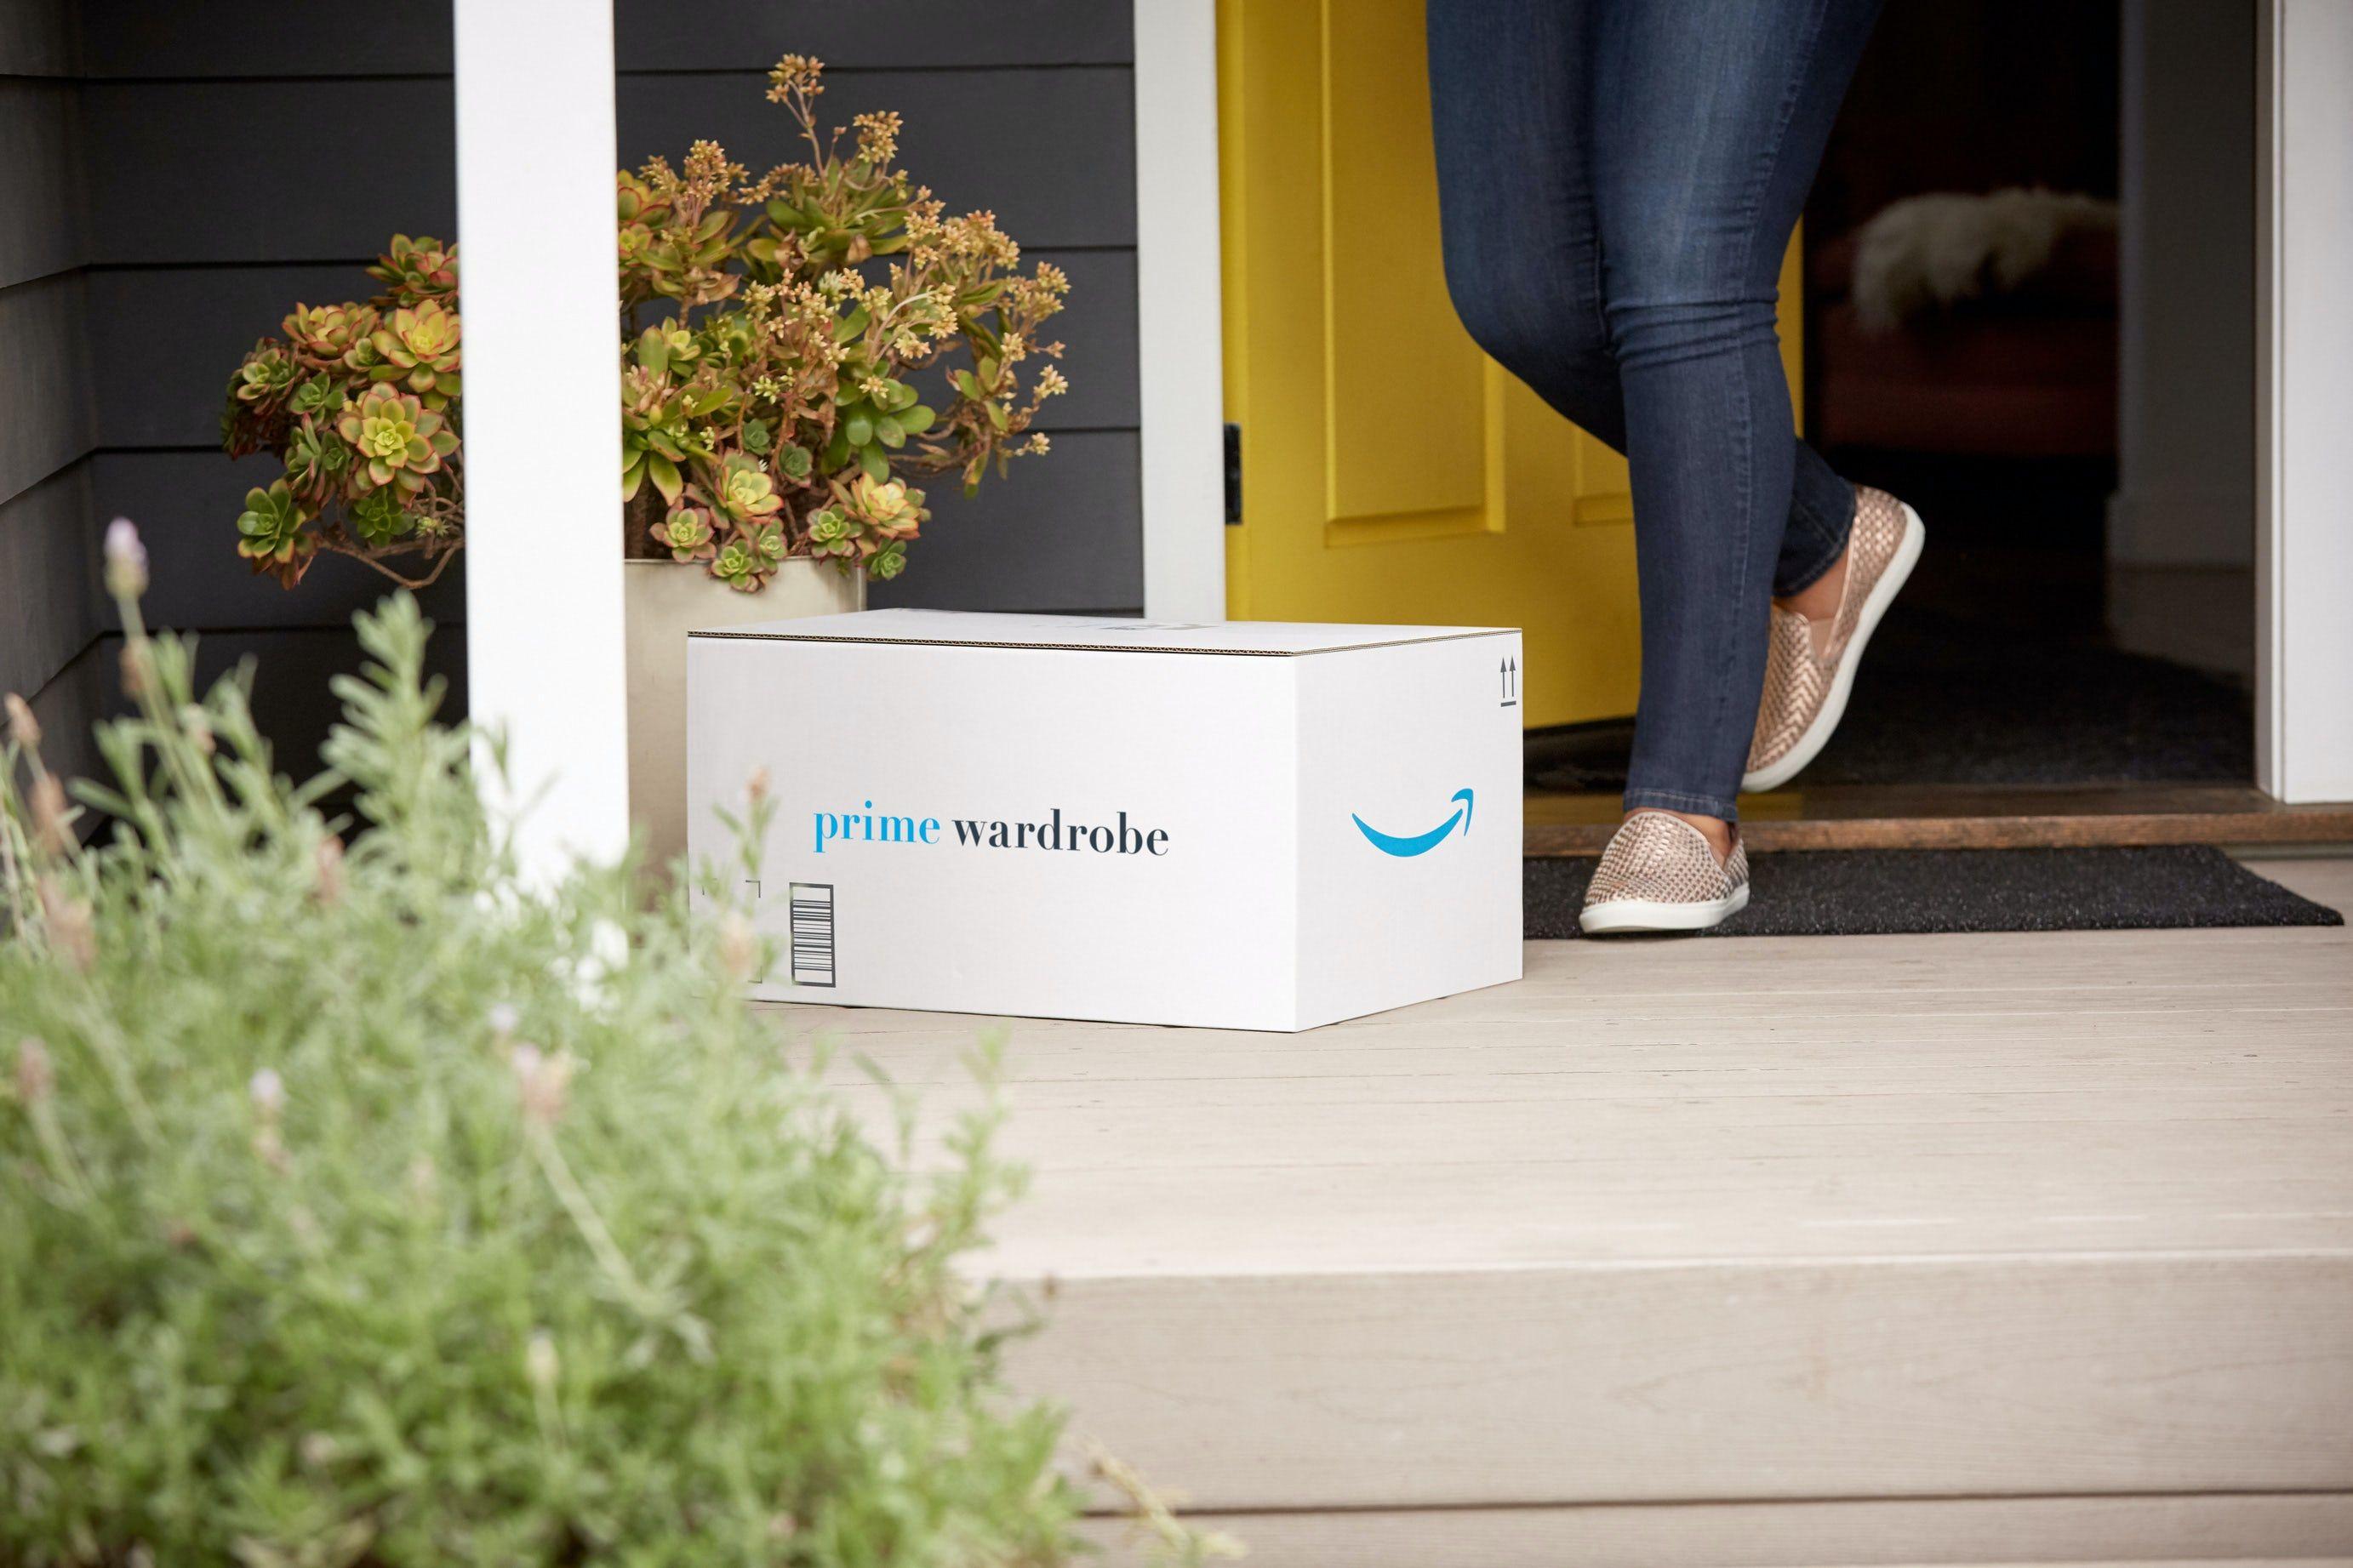 Con Amazon Prime Wardrobe puedes comprar ropa y devolver todos los artículos que quieras gratis